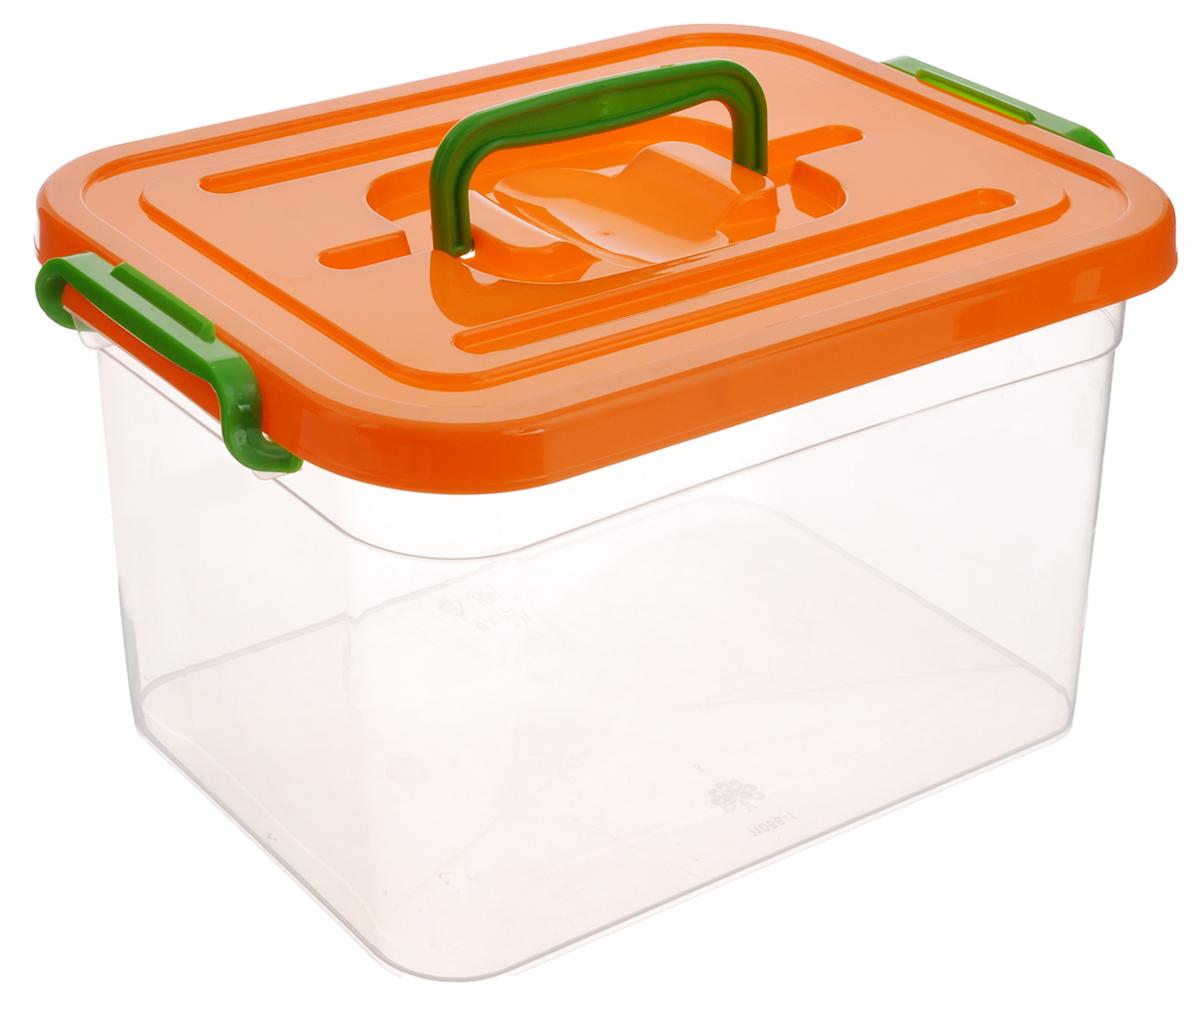 Контейнер для хранения Полимербыт, цвет: оранжевый, прозрачный, 6,5 лС809_оранжевый, прозрачныйКонтейнер для хранения Полимербыт, выполненный из высококачественного пищевого пластика, снабжен удобной ручкой и двумя пластиковыми фиксаторами по бокам, придающими дополнительную надежность закрывания крышки. Вместительный контейнер позволит сохранить вещи в порядке, а герметичная крышка предотвратит случайное открывание, а также защитит содержимое от пыли и грязи.